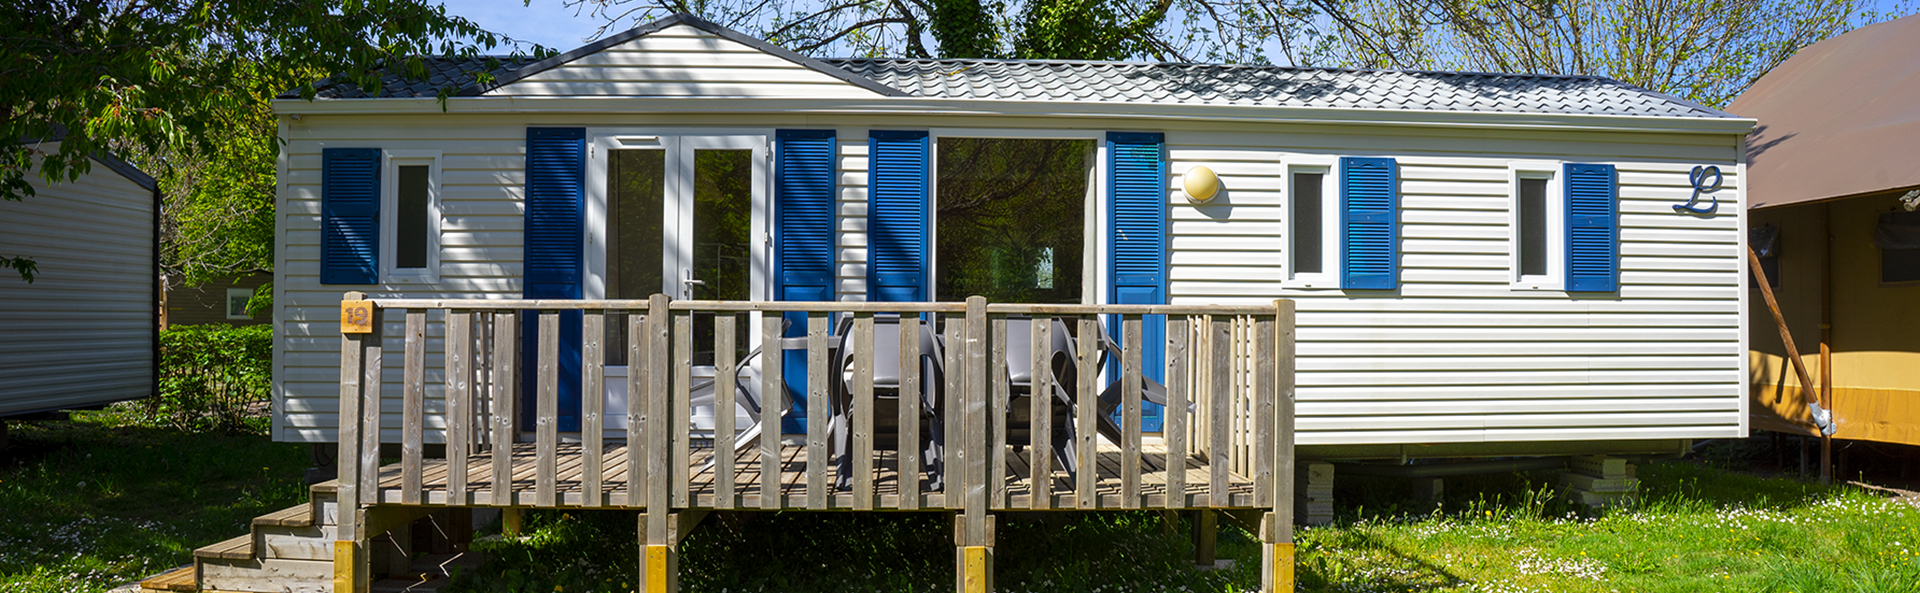 Martin : mobil-home 6 personnes en location au Camping Le Vieux Moulin